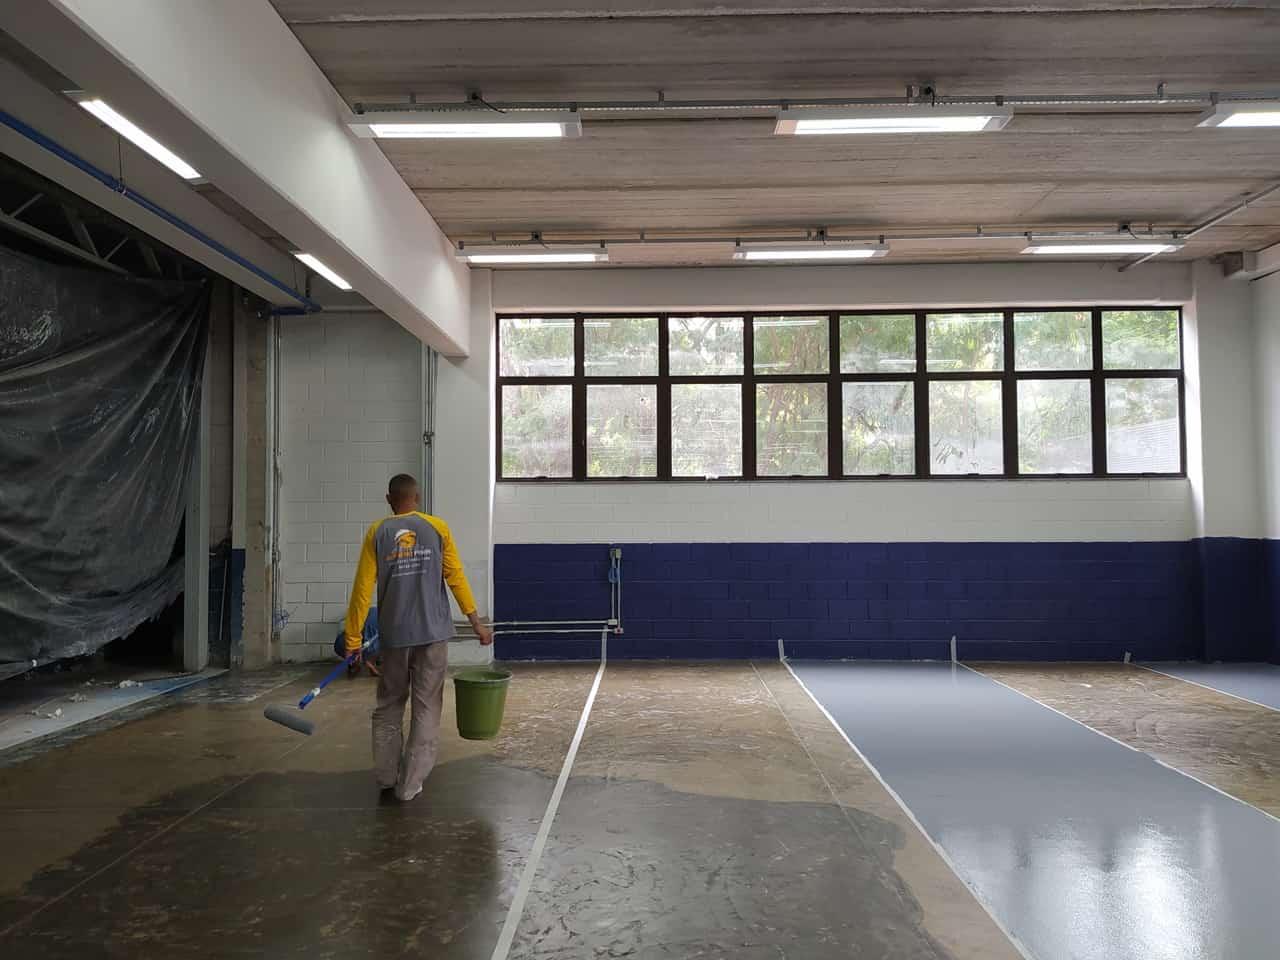 Pintura e demarcação de piso - Foto 1